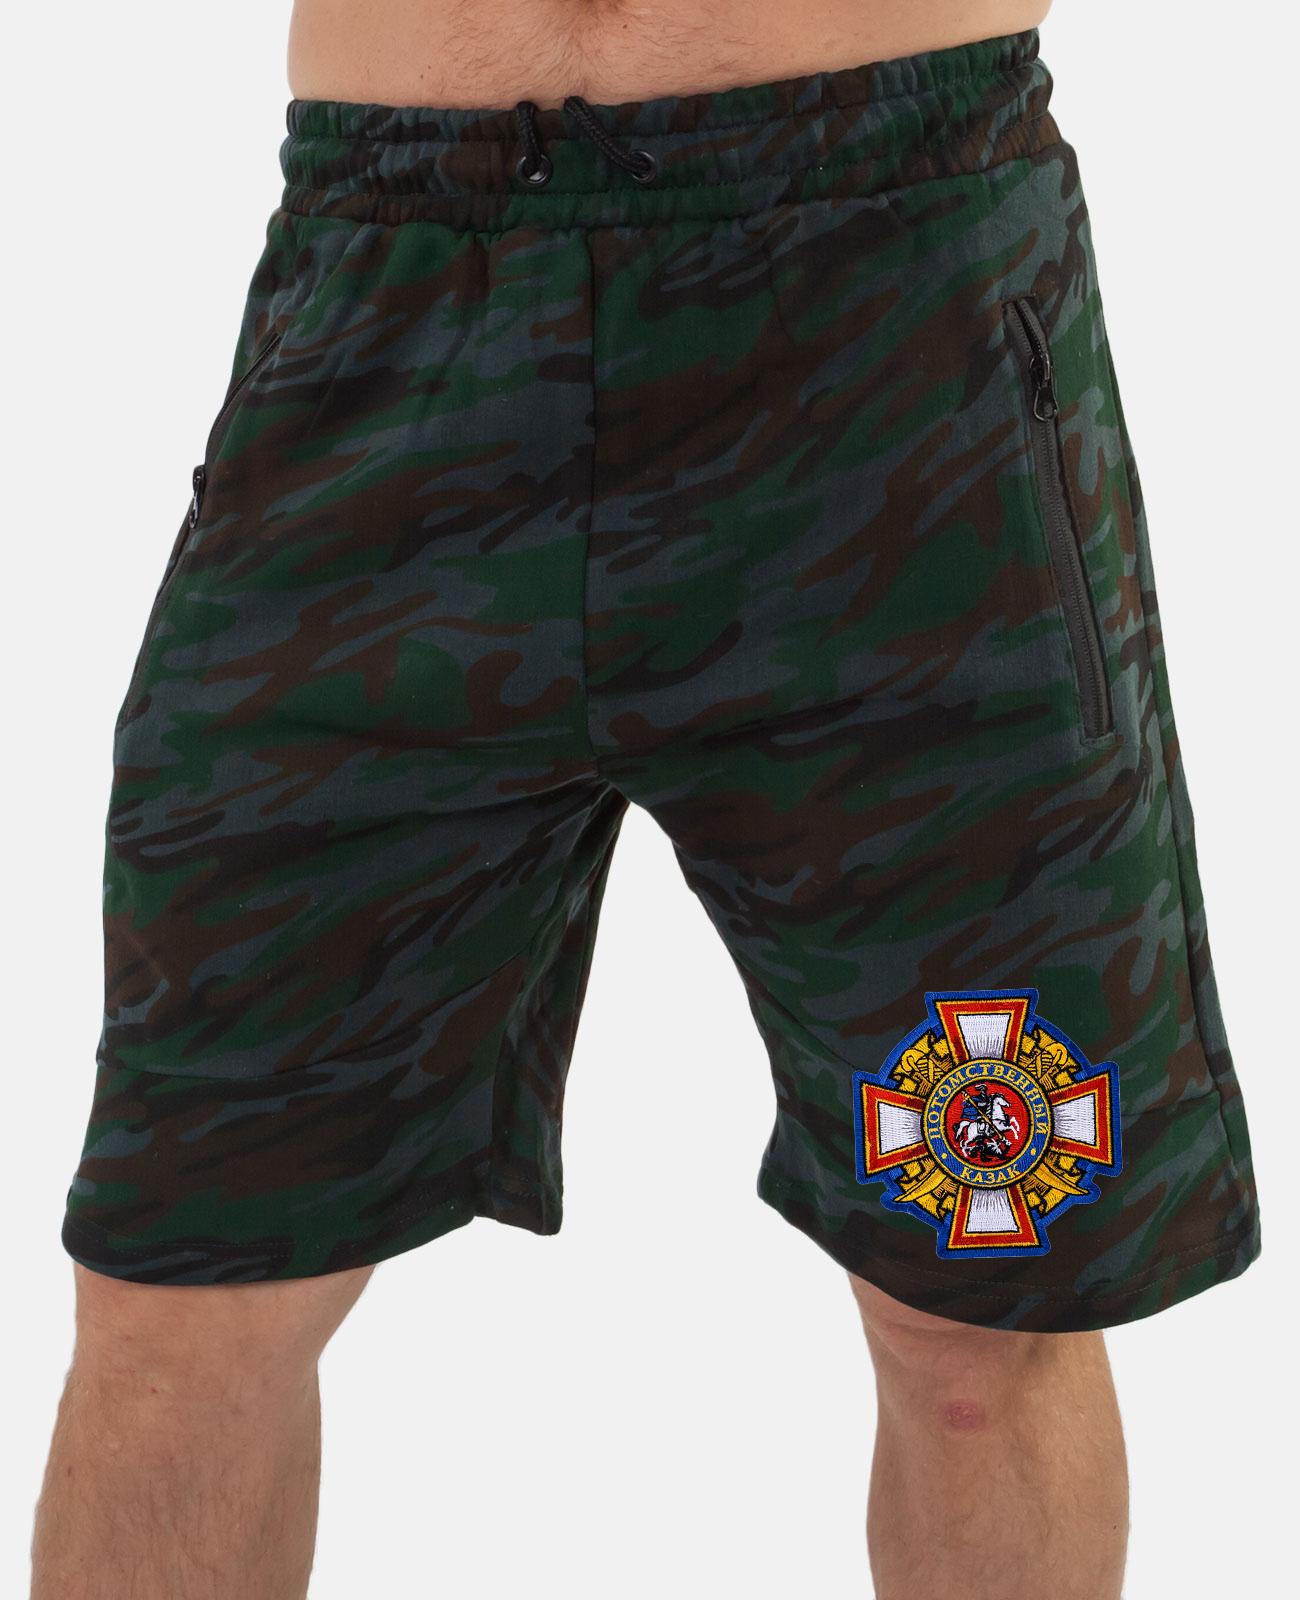 Мужские камуфляжные шорты с вышитой нашивкой Потомственный казак заказать с доставкой